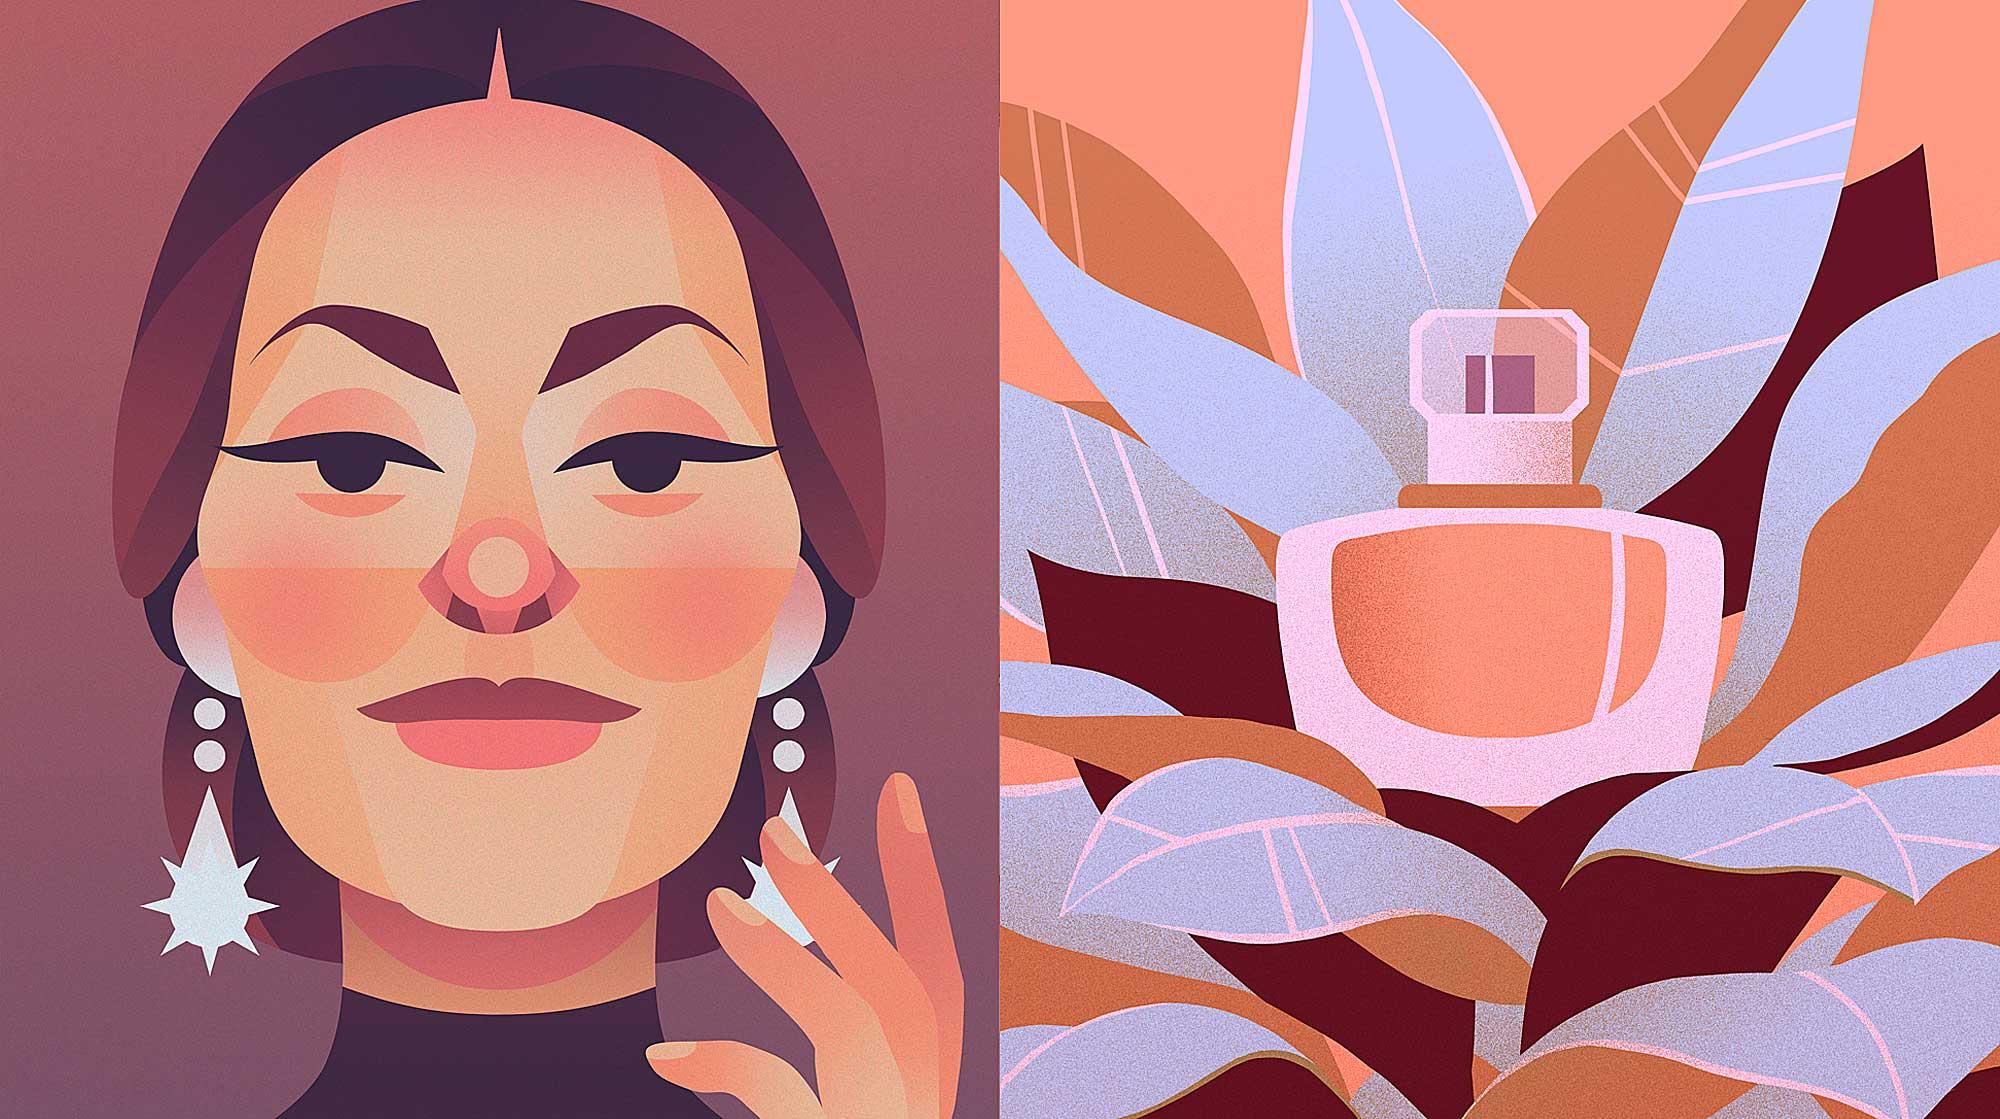 Motion Graphics Cgi Illustrations